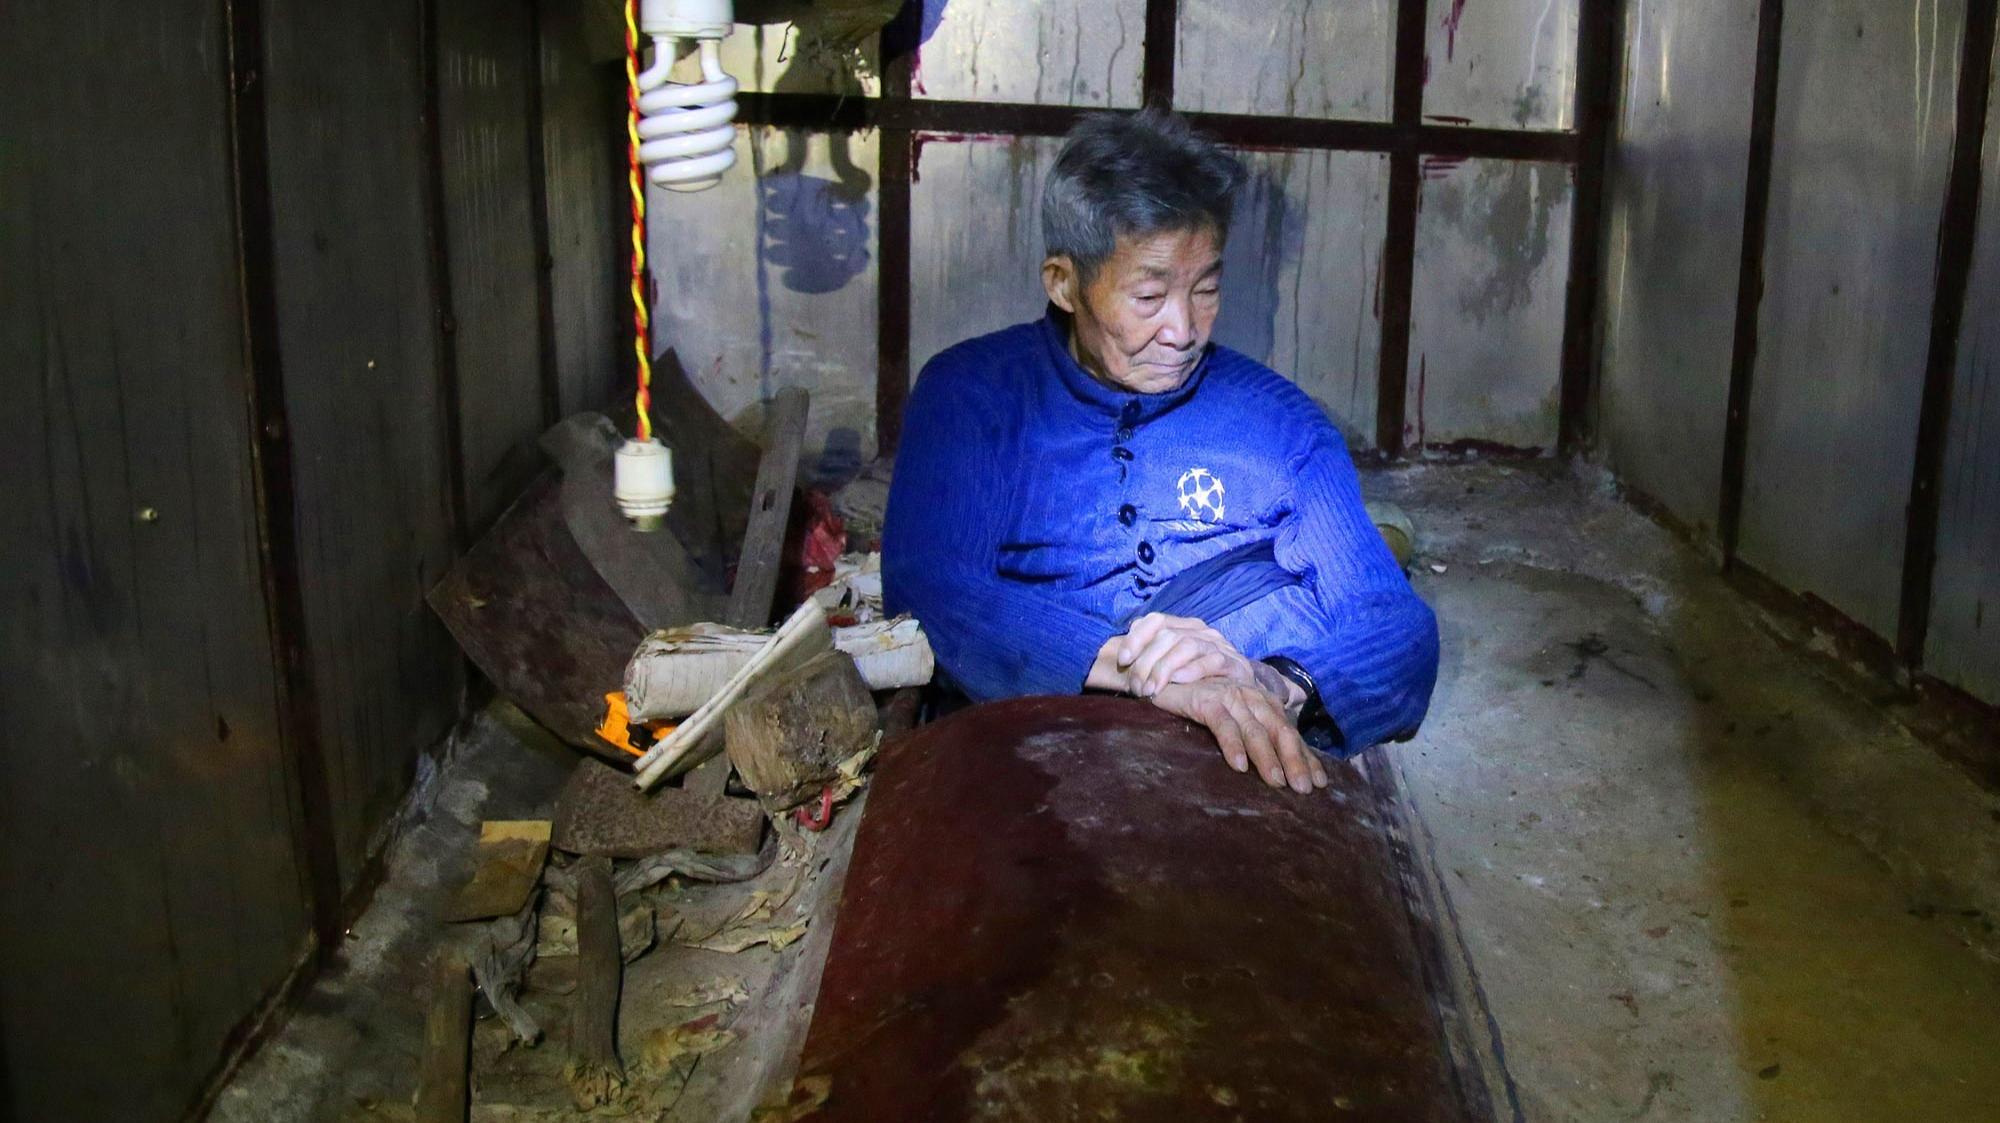 孤寡老人花26万修活人墓 内部机关重重 - 性至勃勃 - 性至勃勃